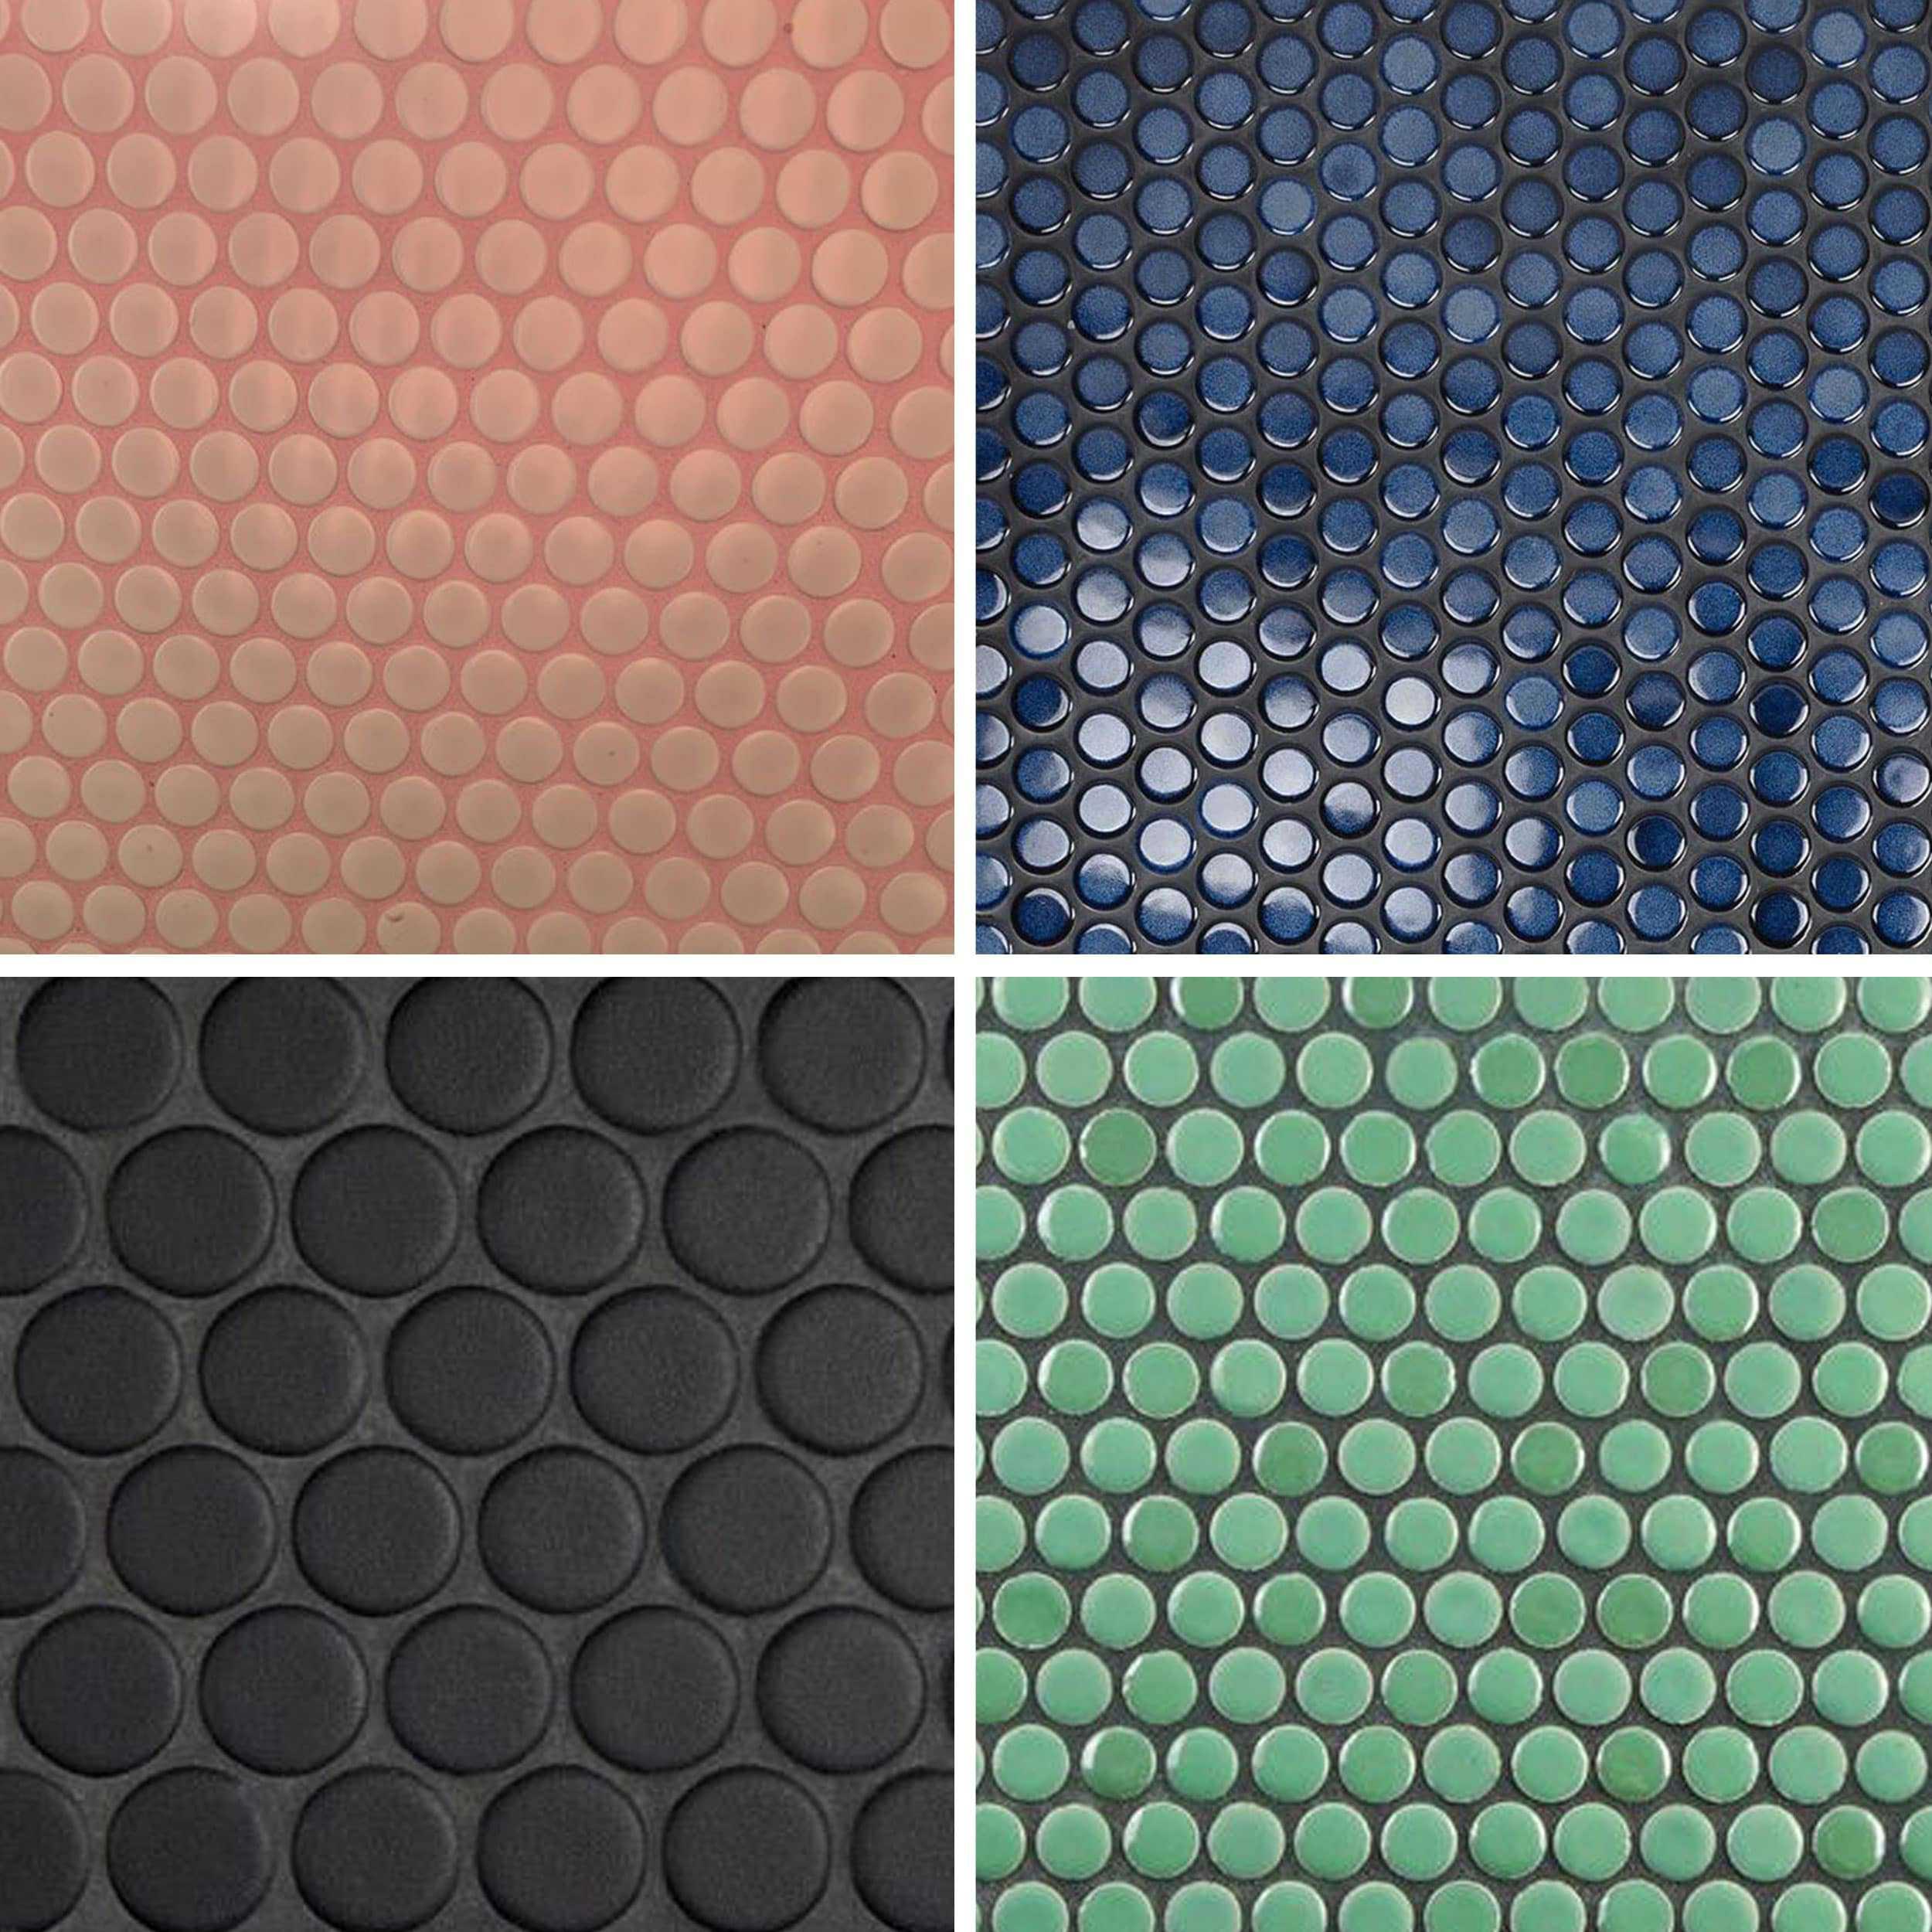 Penny Tile Grid